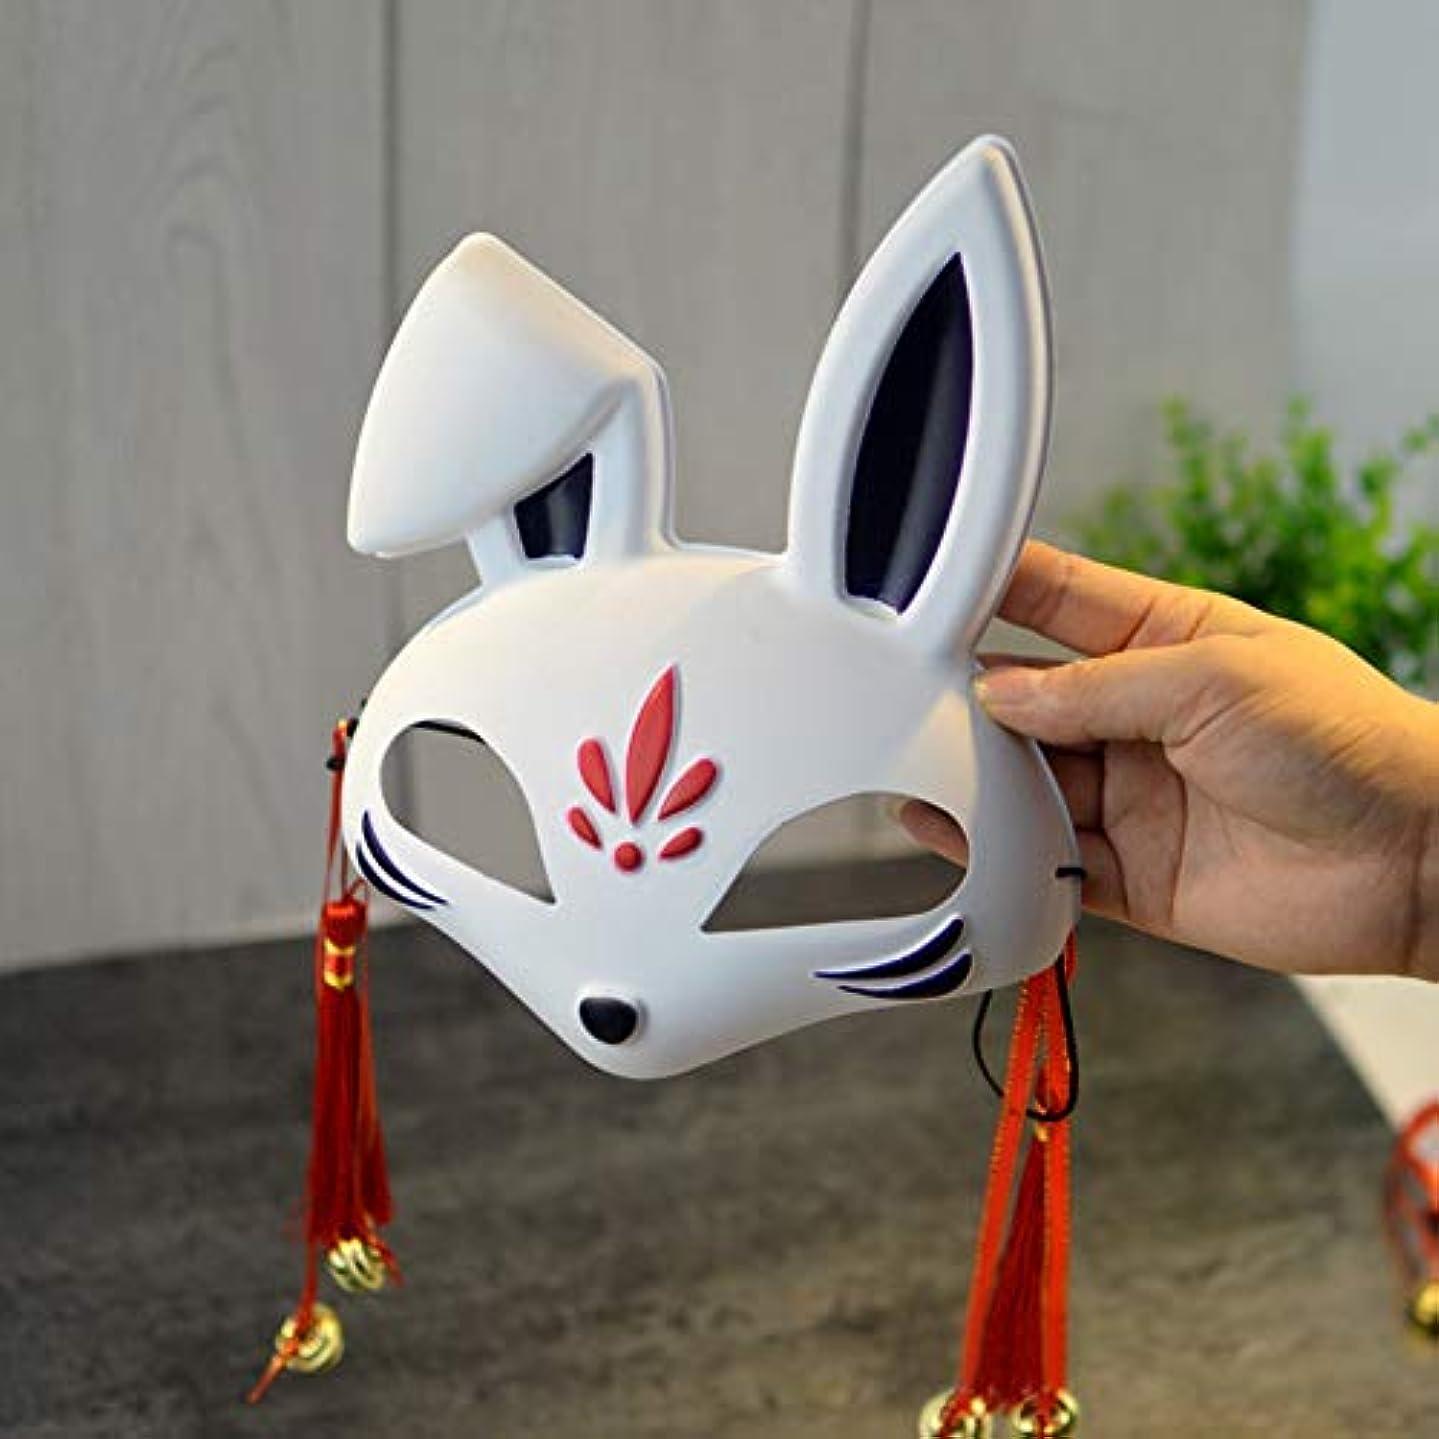 こどもの日ヒューバートハドソン腹Esolom うさぎマスク 半顔 ロールプレイングマスク ハロウィーン仮装衣装 PVCストリートダンスマスク 手描きのマスク 仮面舞踏会マスク